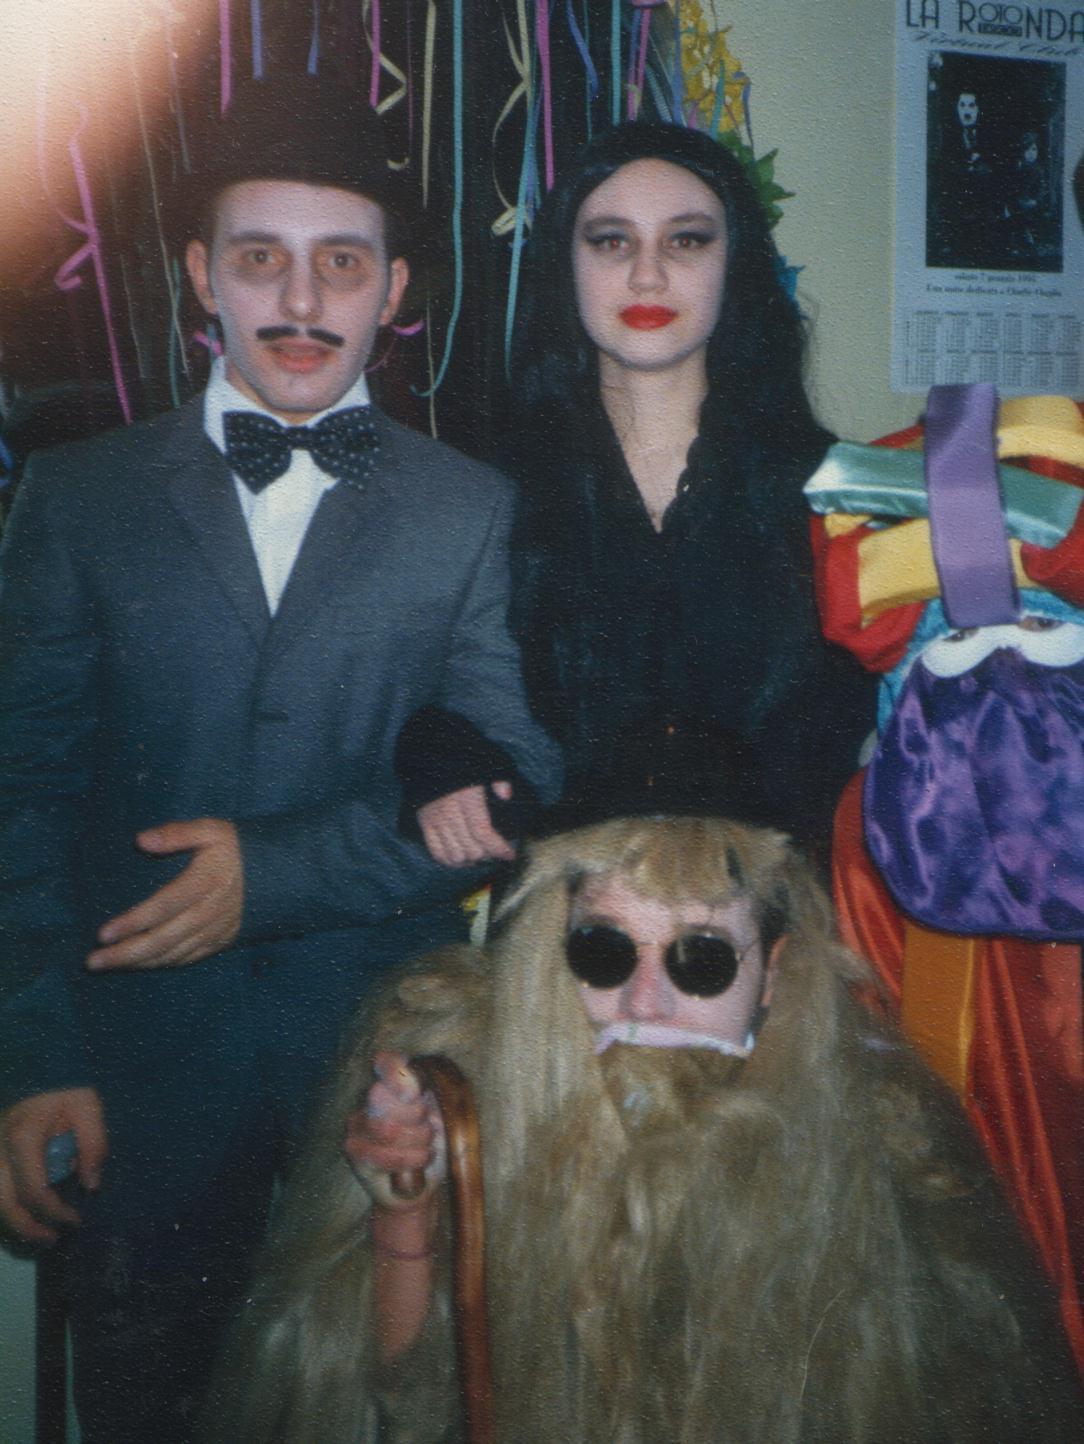 La famiglia addams ricorrenze ed eventi speciali for Gonfiabili halloween